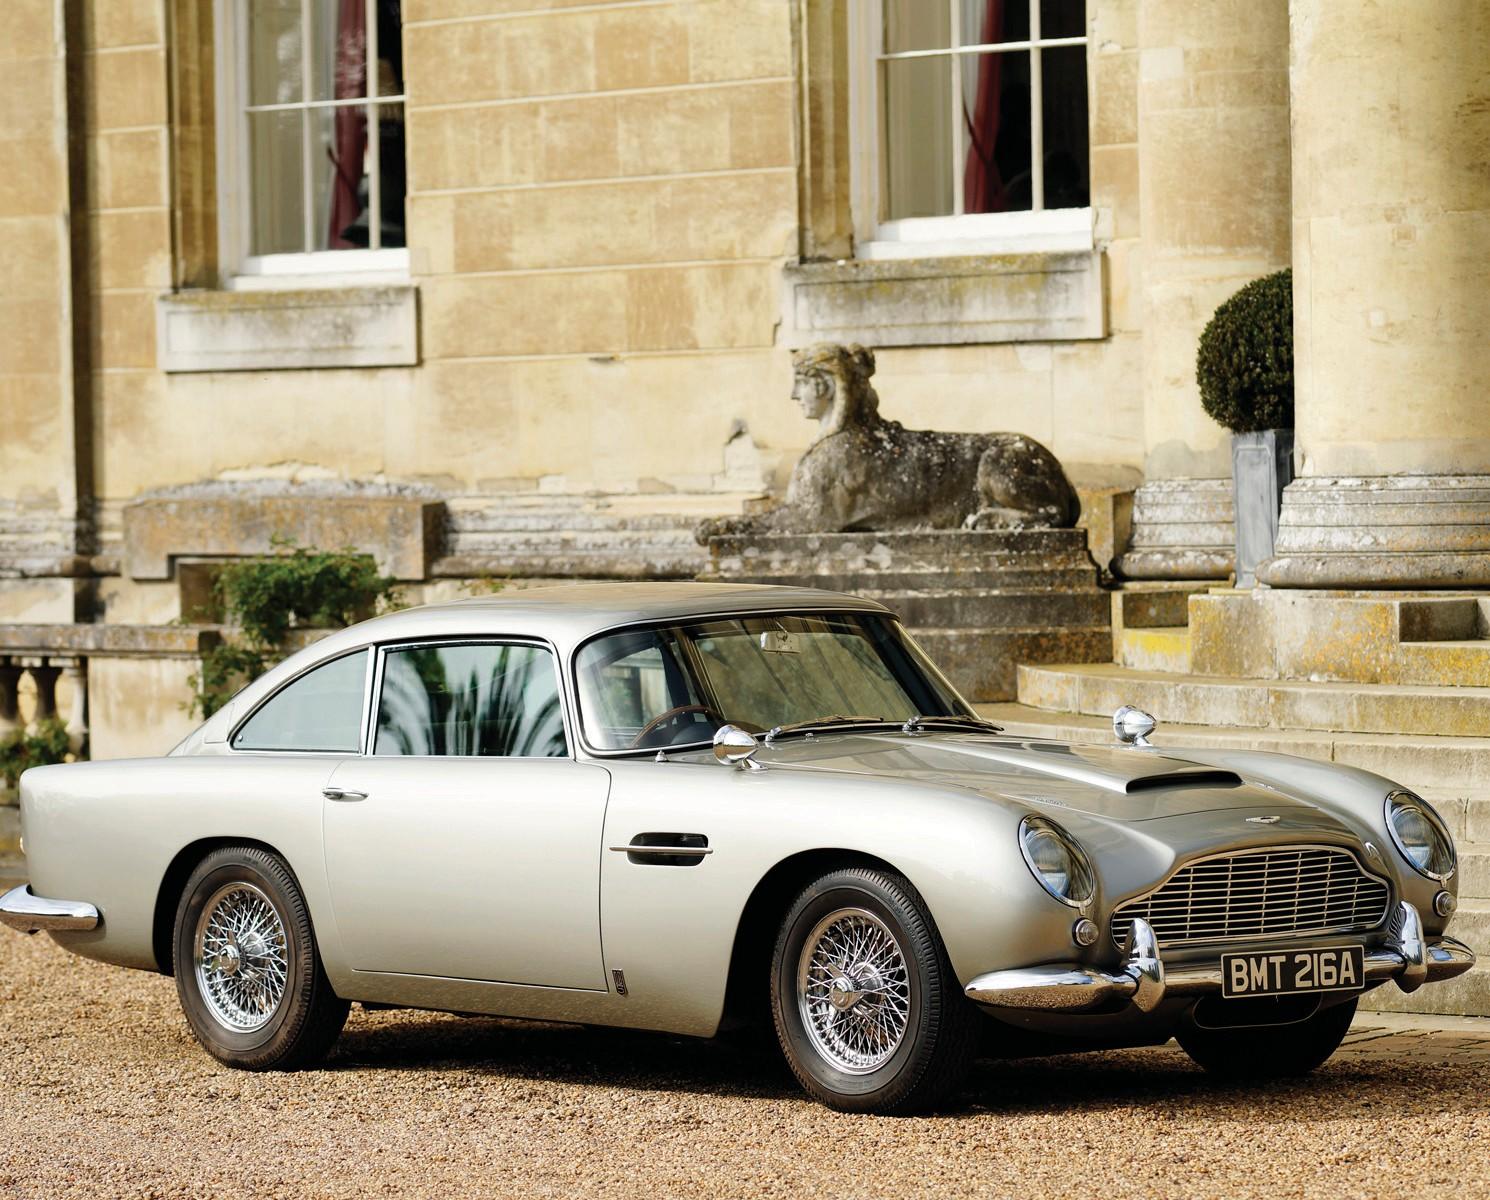 You Too Can Own A Aston Martin Naples Florida Weekly - Aston martin naples